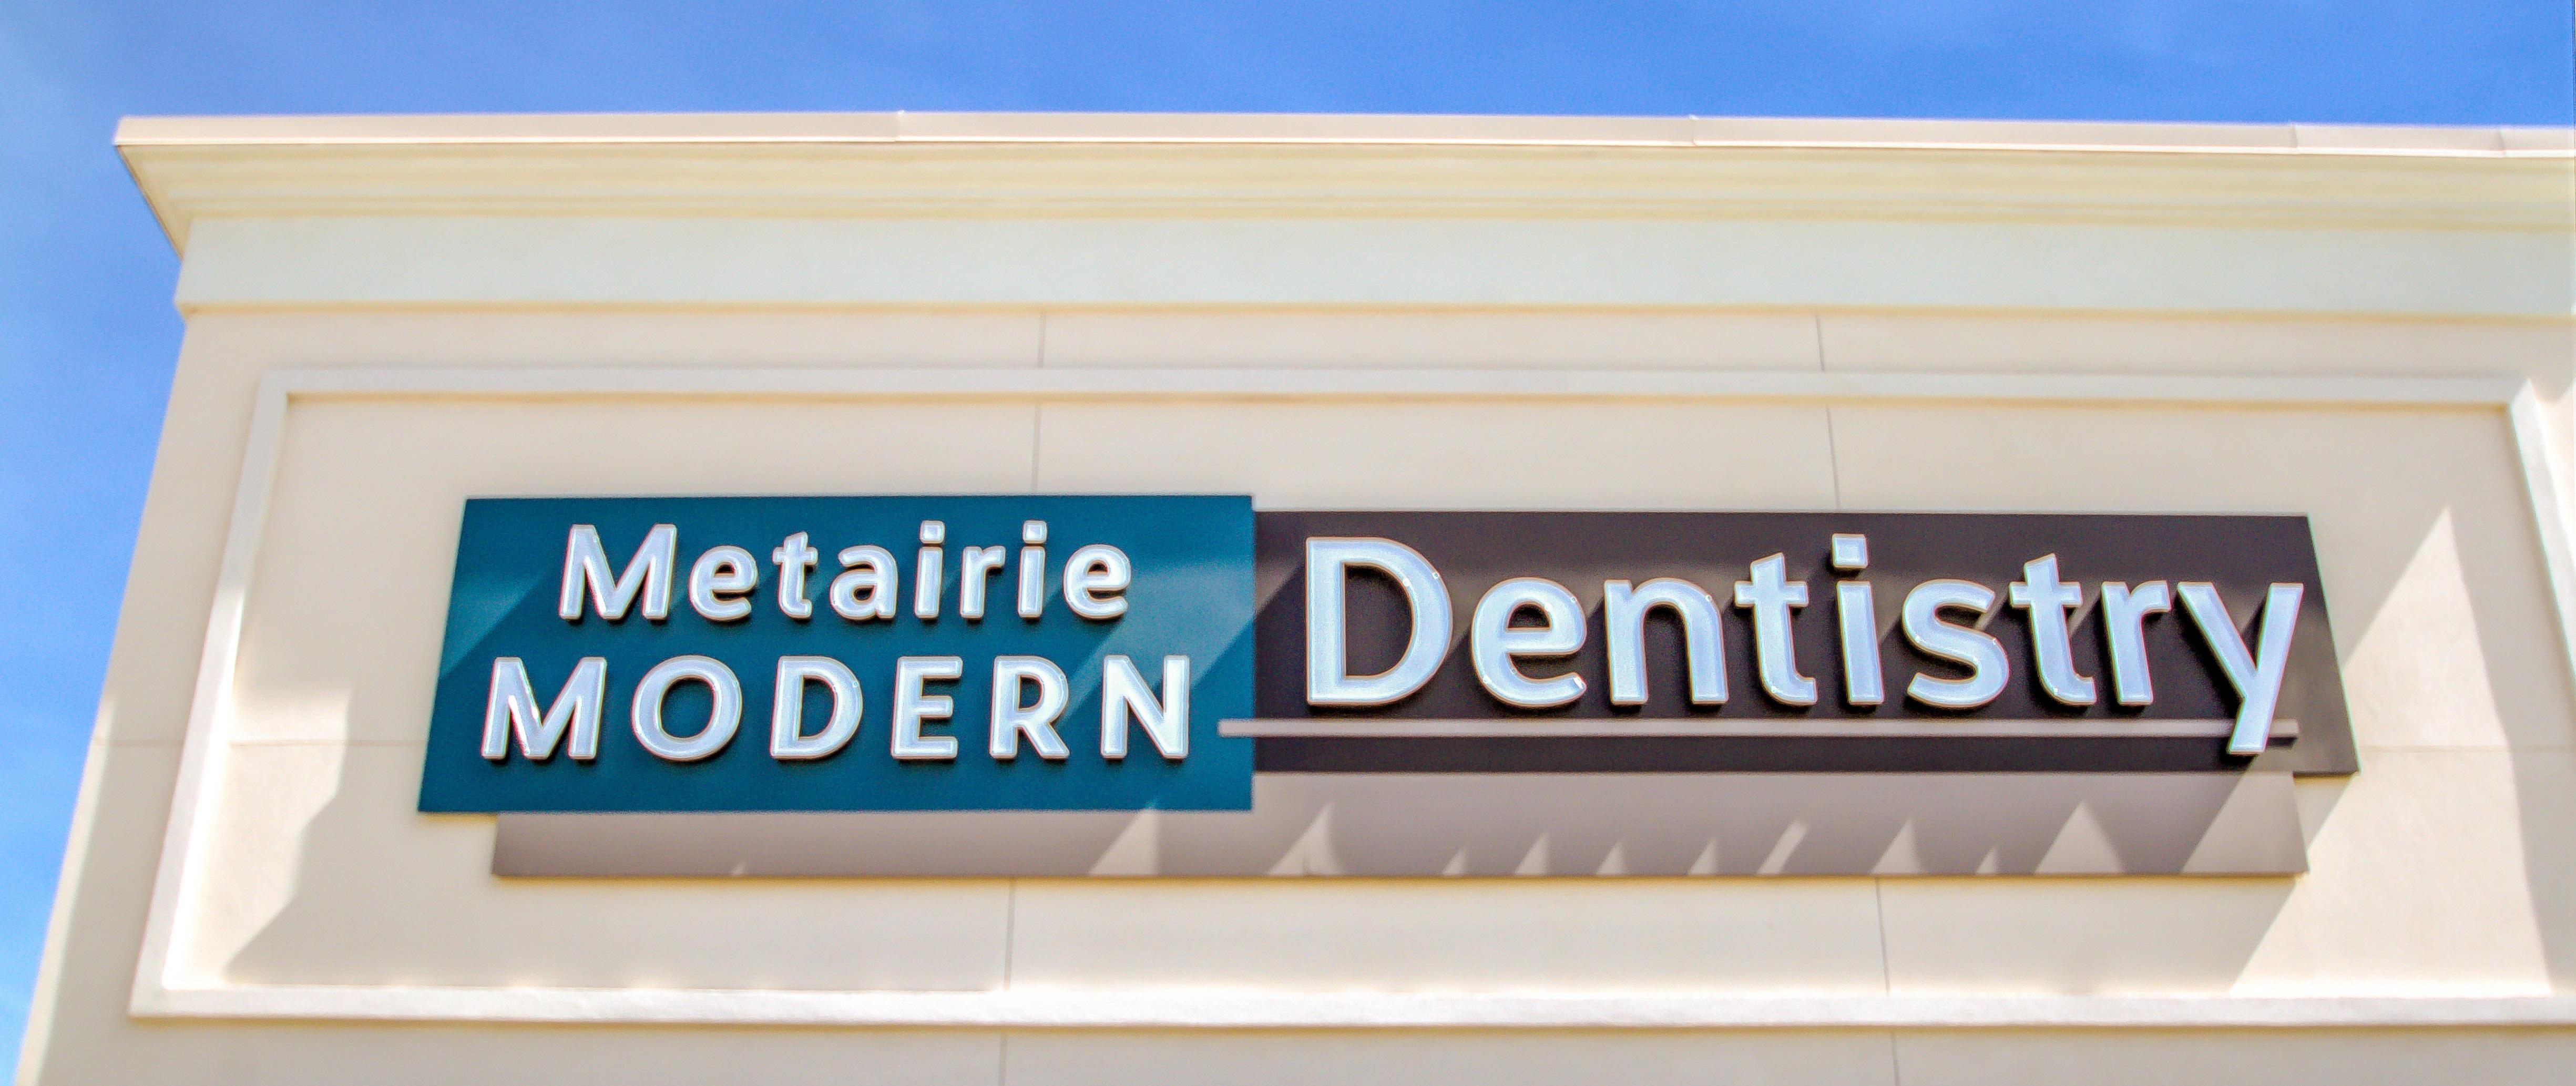 Metairie Modern Dentistry